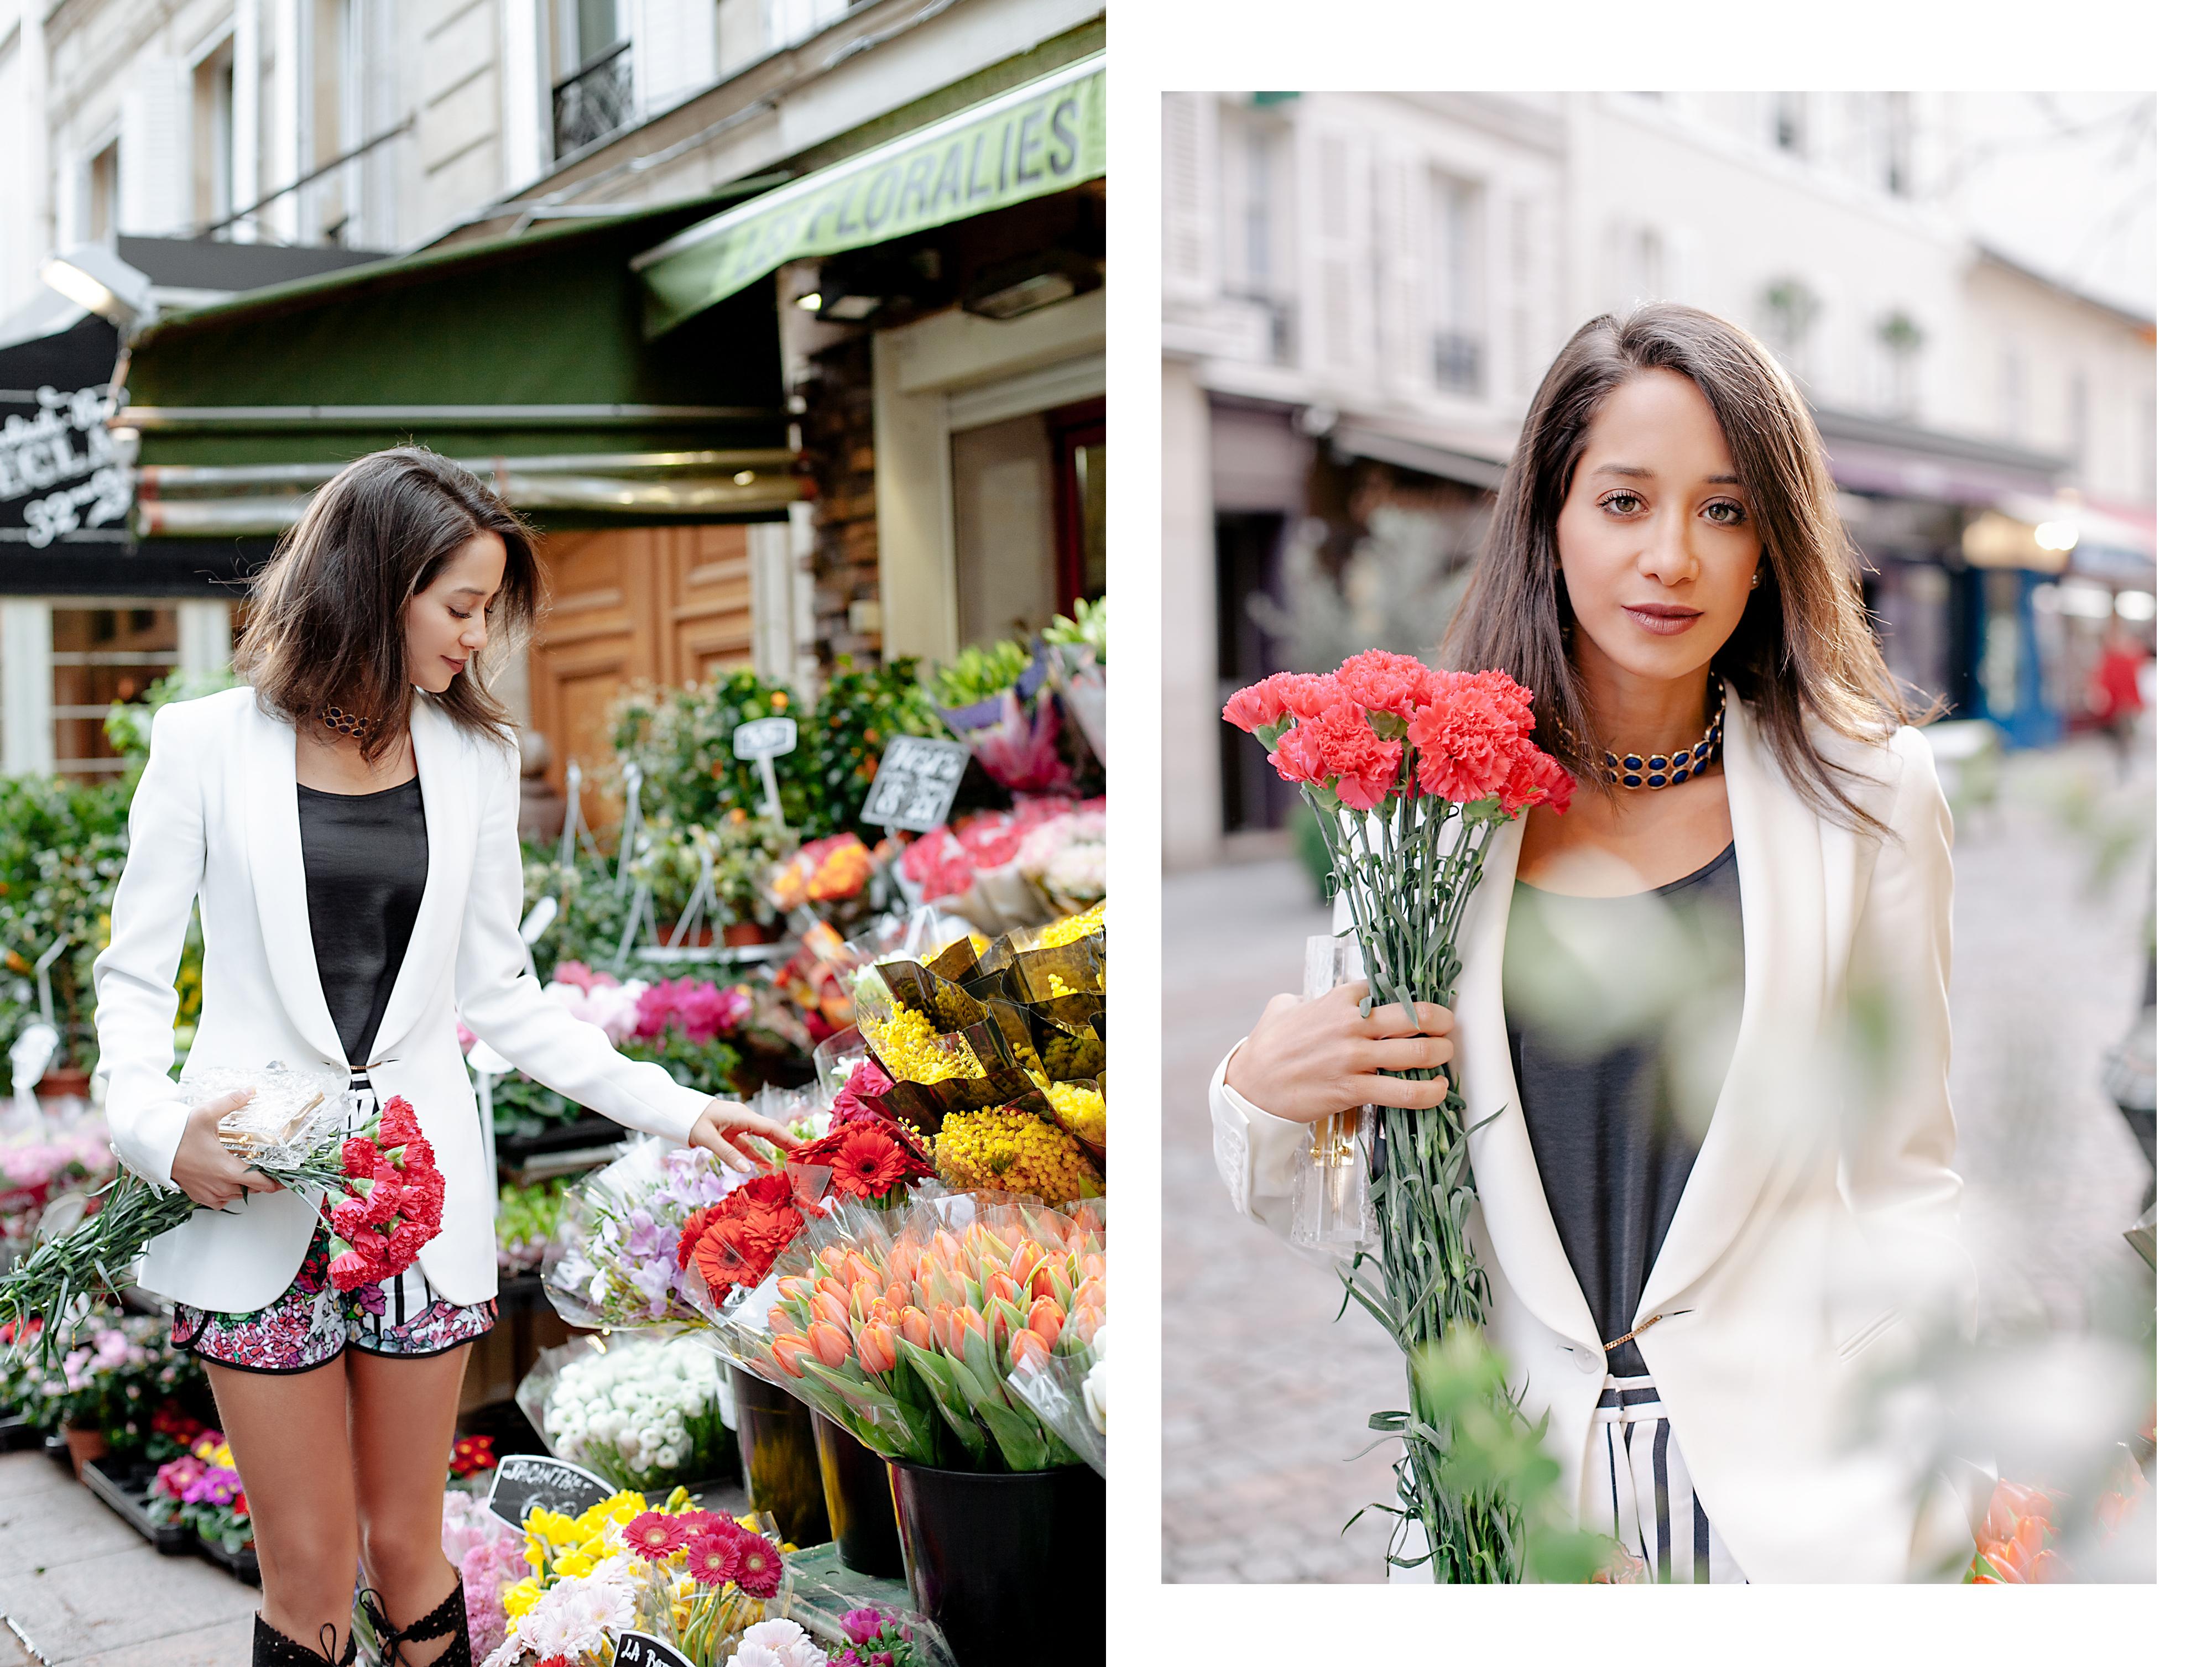 Lana El Sahely, Haute Couture 16'